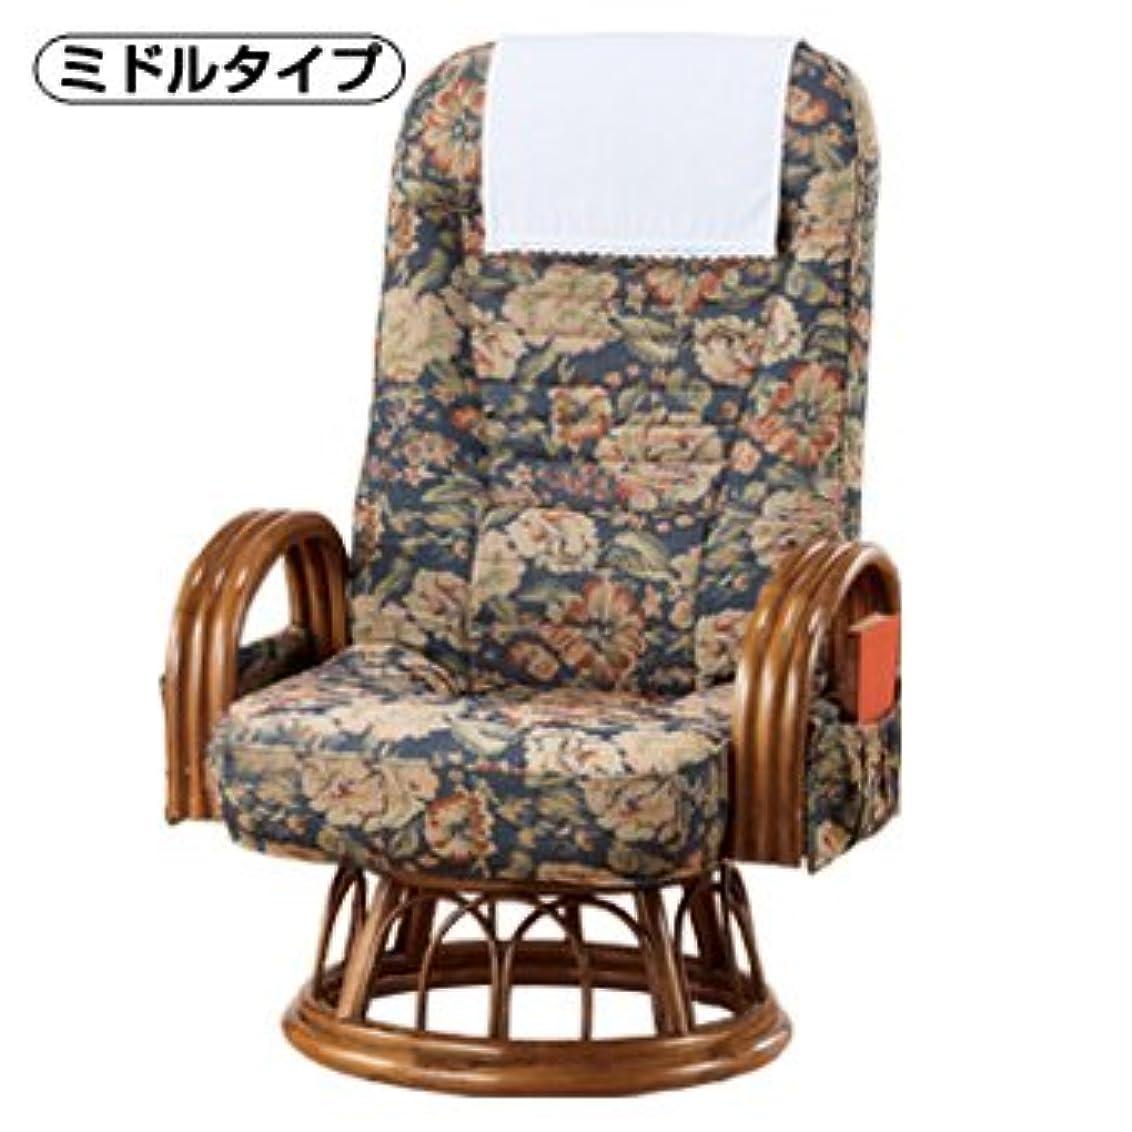 思われる高層ビル美容師籐肘付きハイバック回転座椅子 ミドル